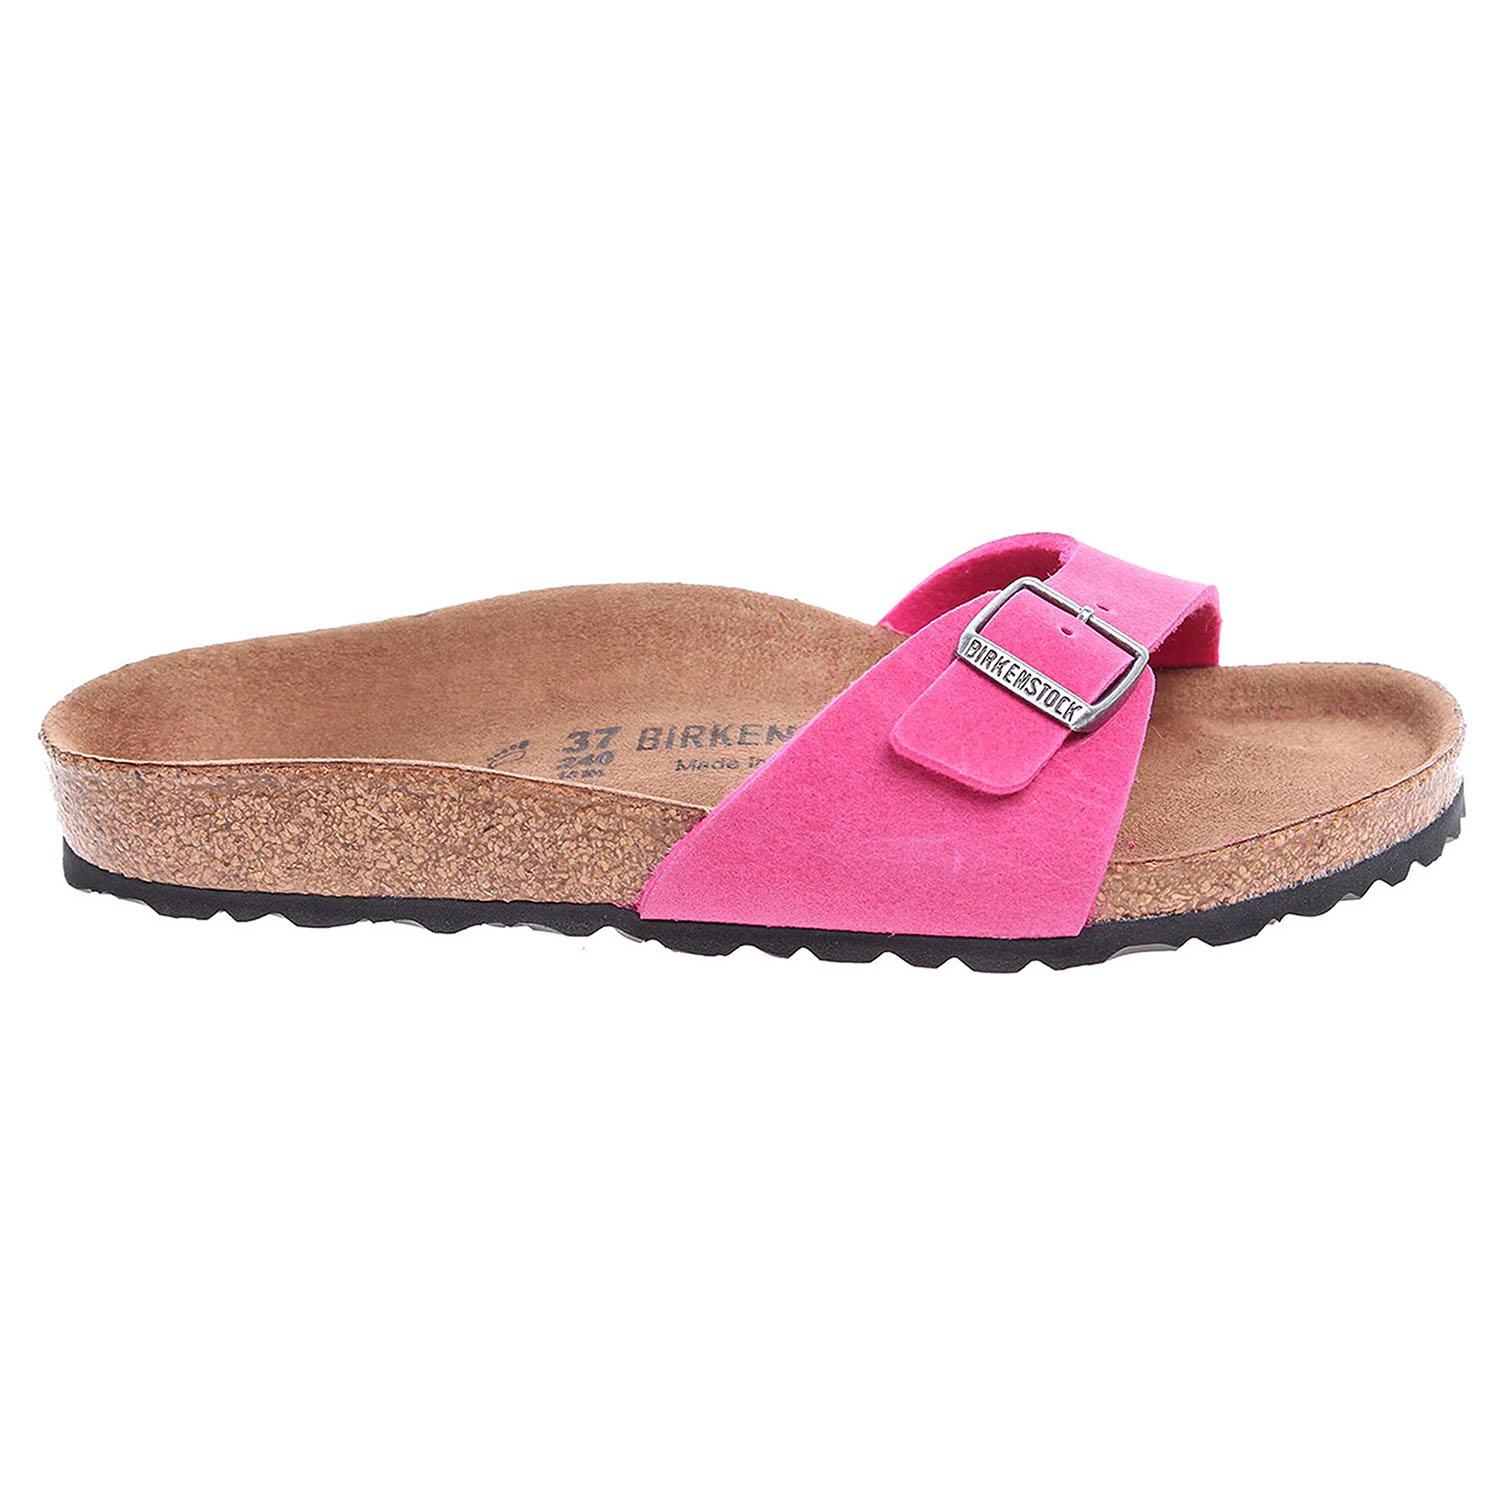 Birkenstock Madrid dámské pantofle 438101 růžové 41